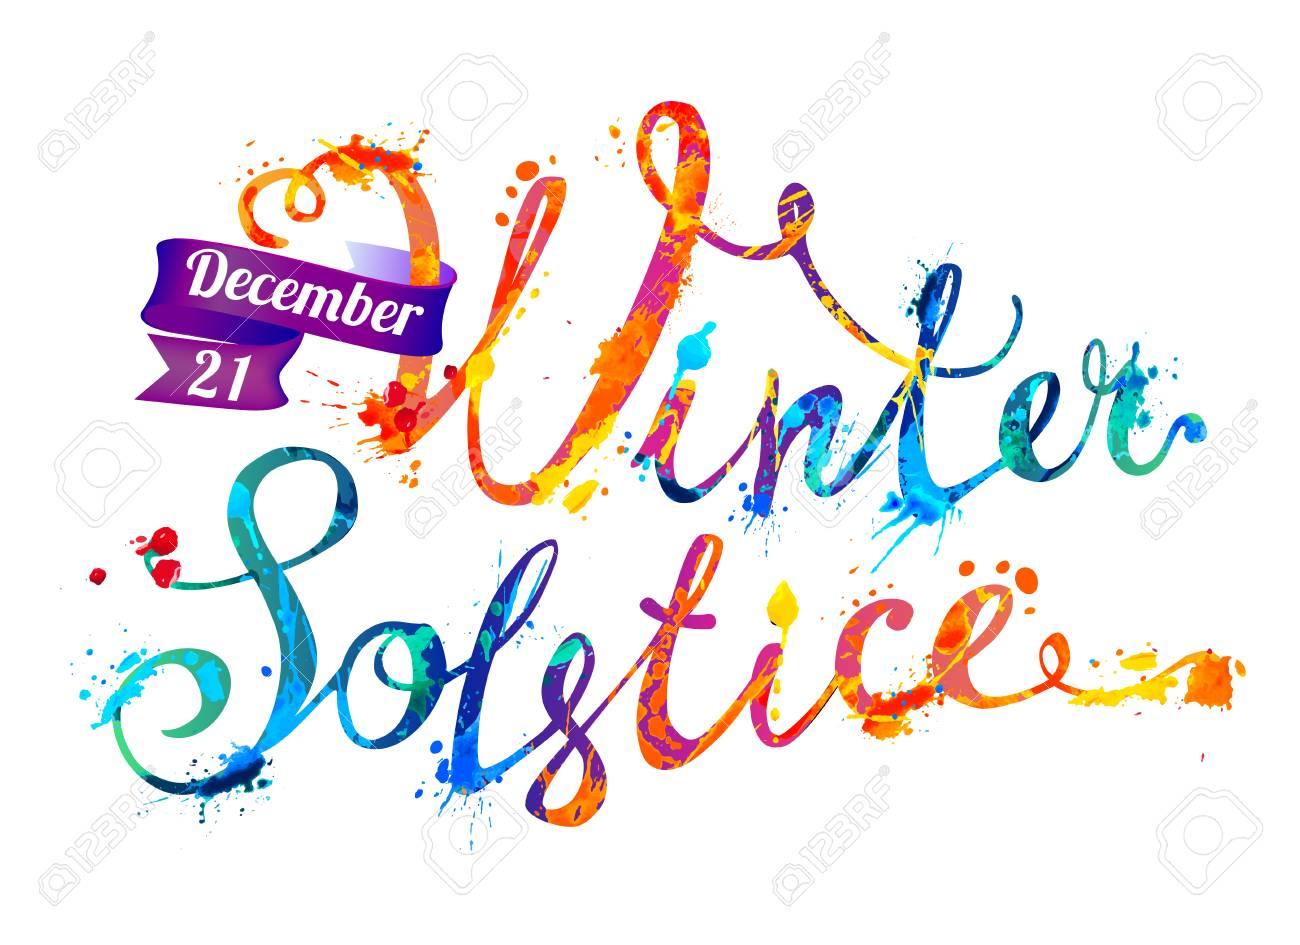 Winter solstice. December 21. Vector watercolor splash paint.